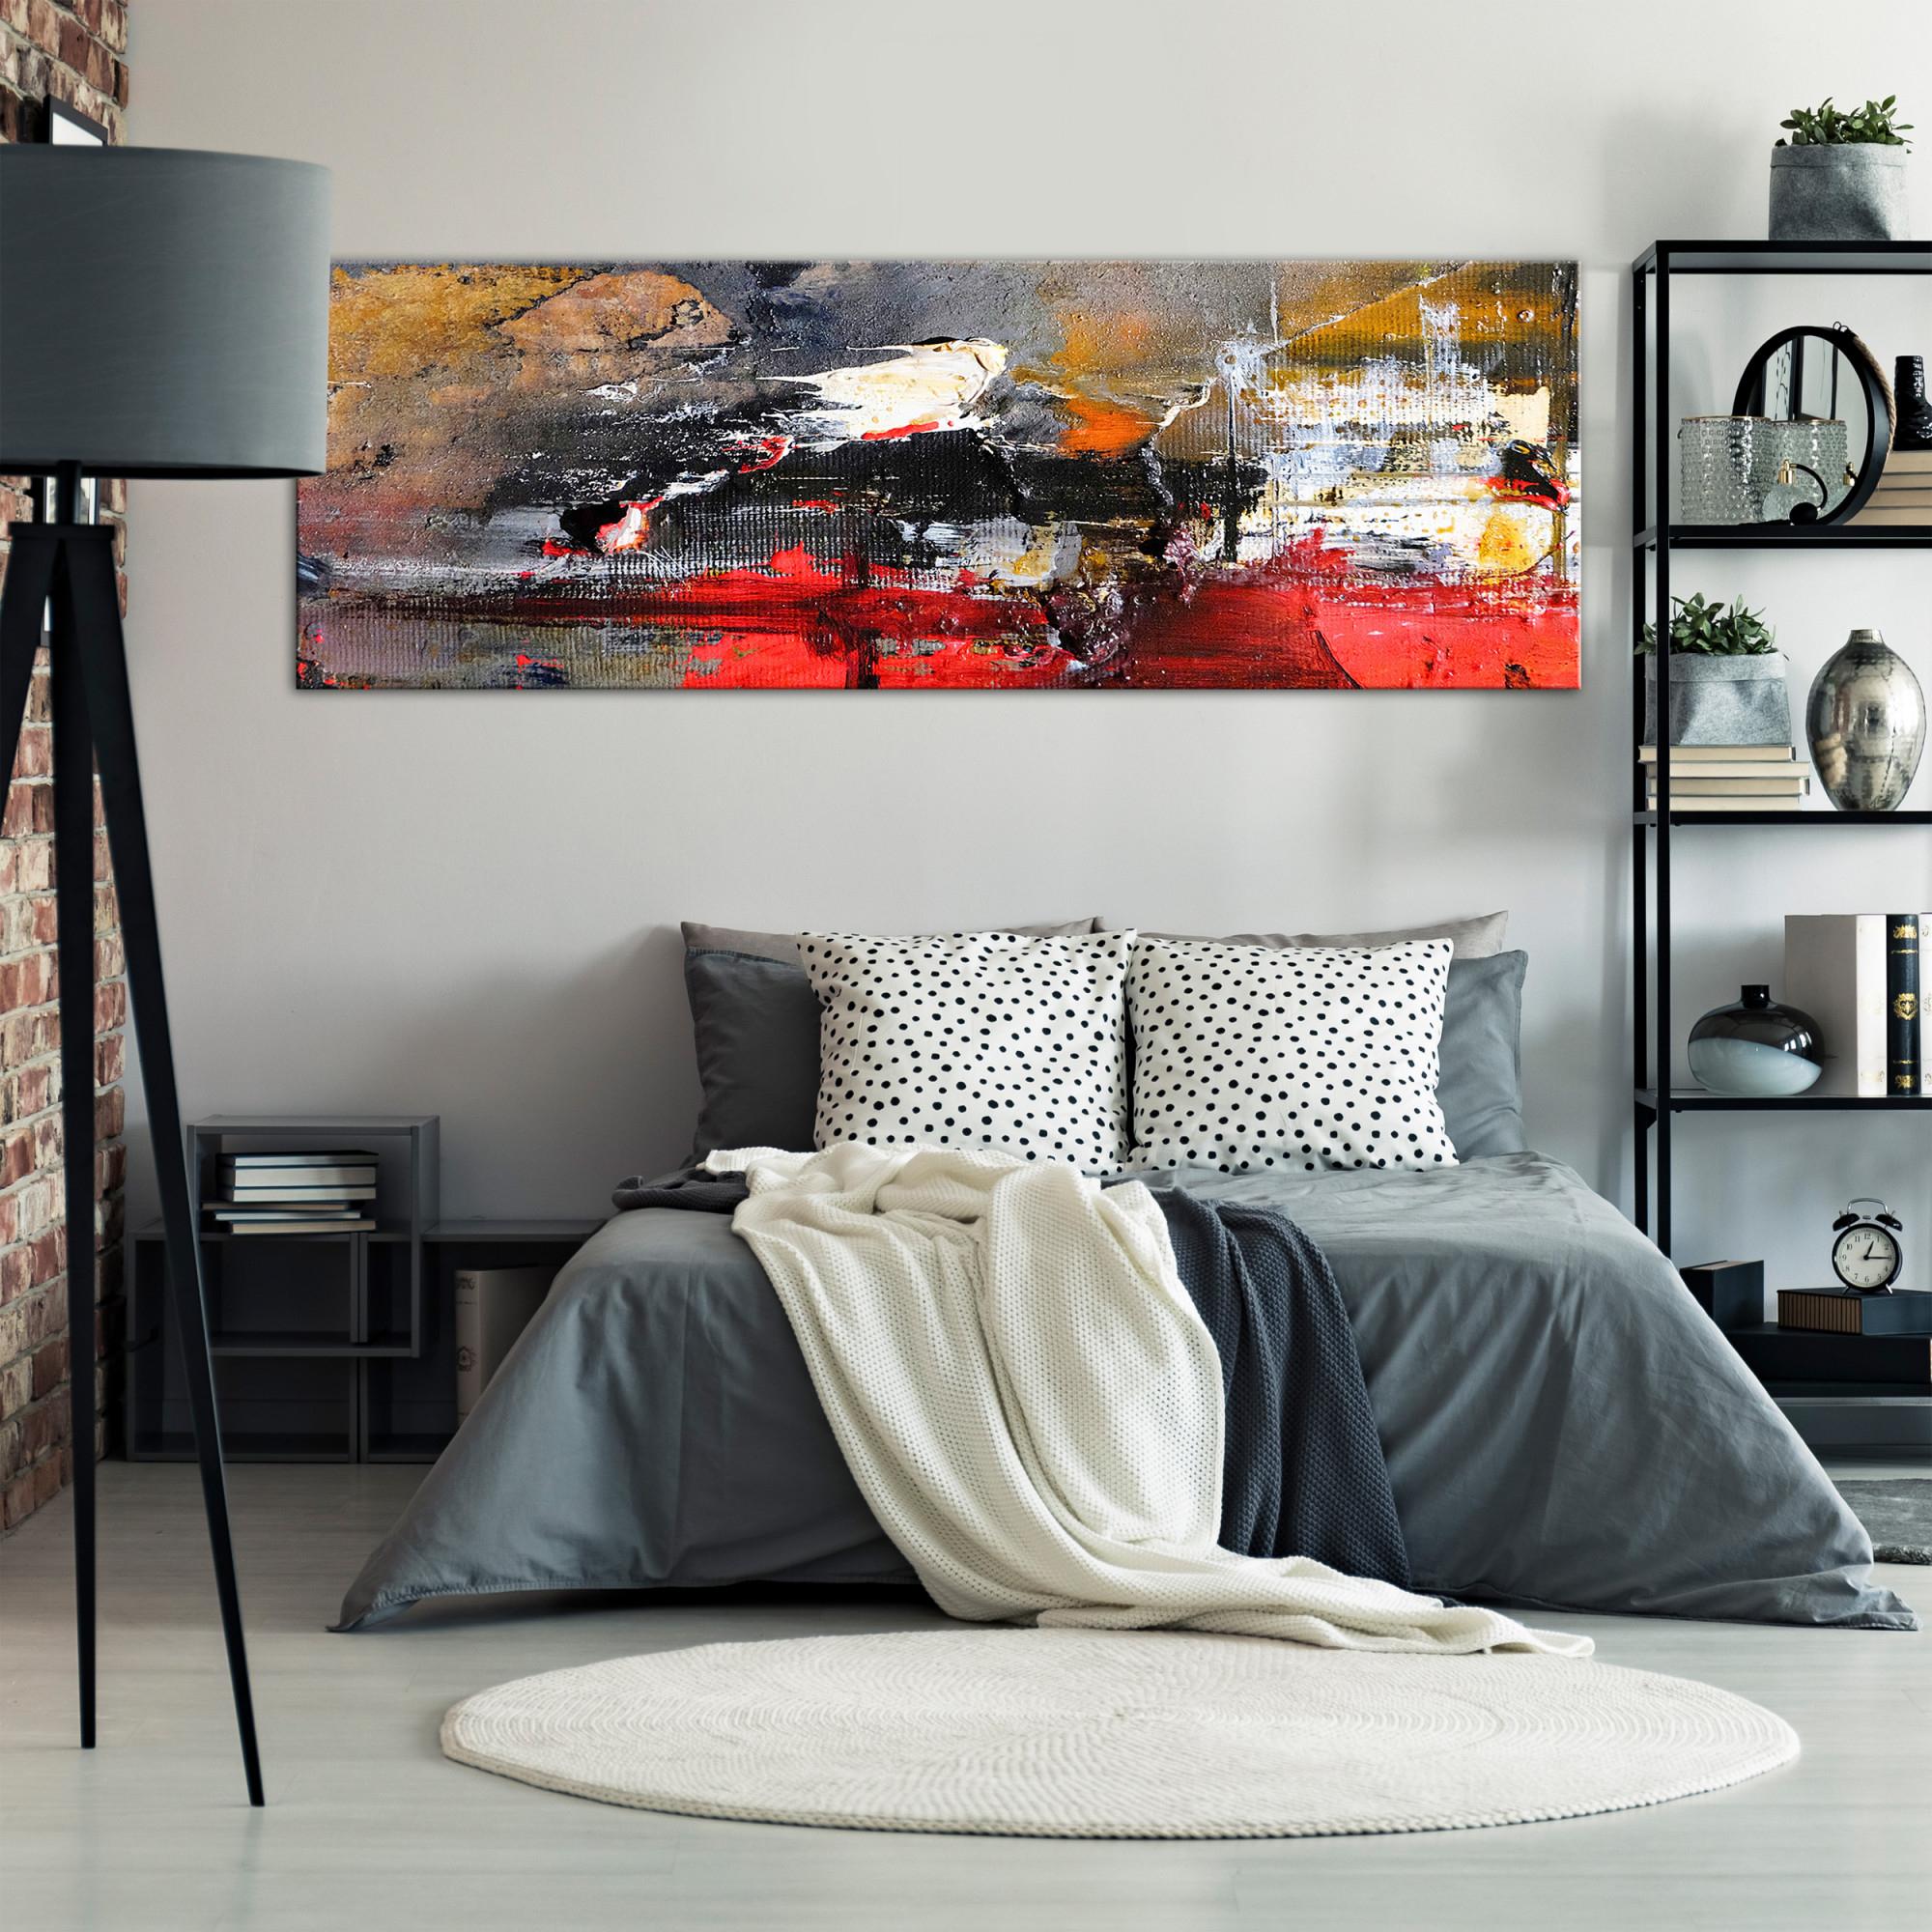 Details Zu Leinwand Deko Bilder Abstrakt Modern Wandbilder Xxl Wohnzimmer  Kunstdruck 9Motiv von Wohnzimmer Bilder Auf Leinwand Photo